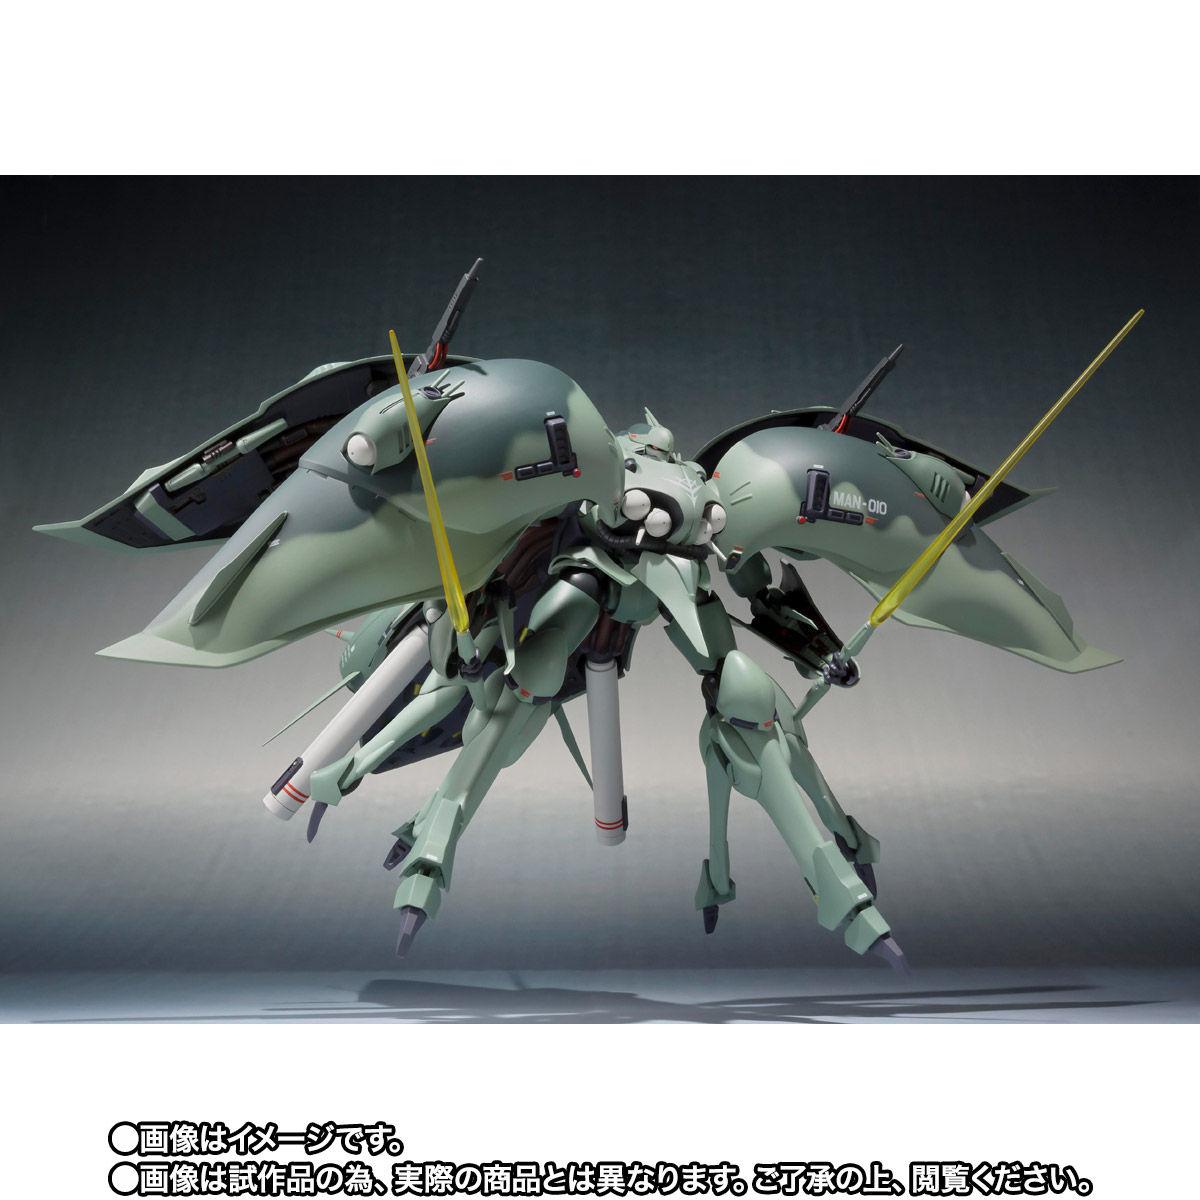 【限定販売】ROBOT魂〈SIDE MS〉『ゲー・ドライ(重塗装仕様)』Zガンダム 可動フィギュア-010